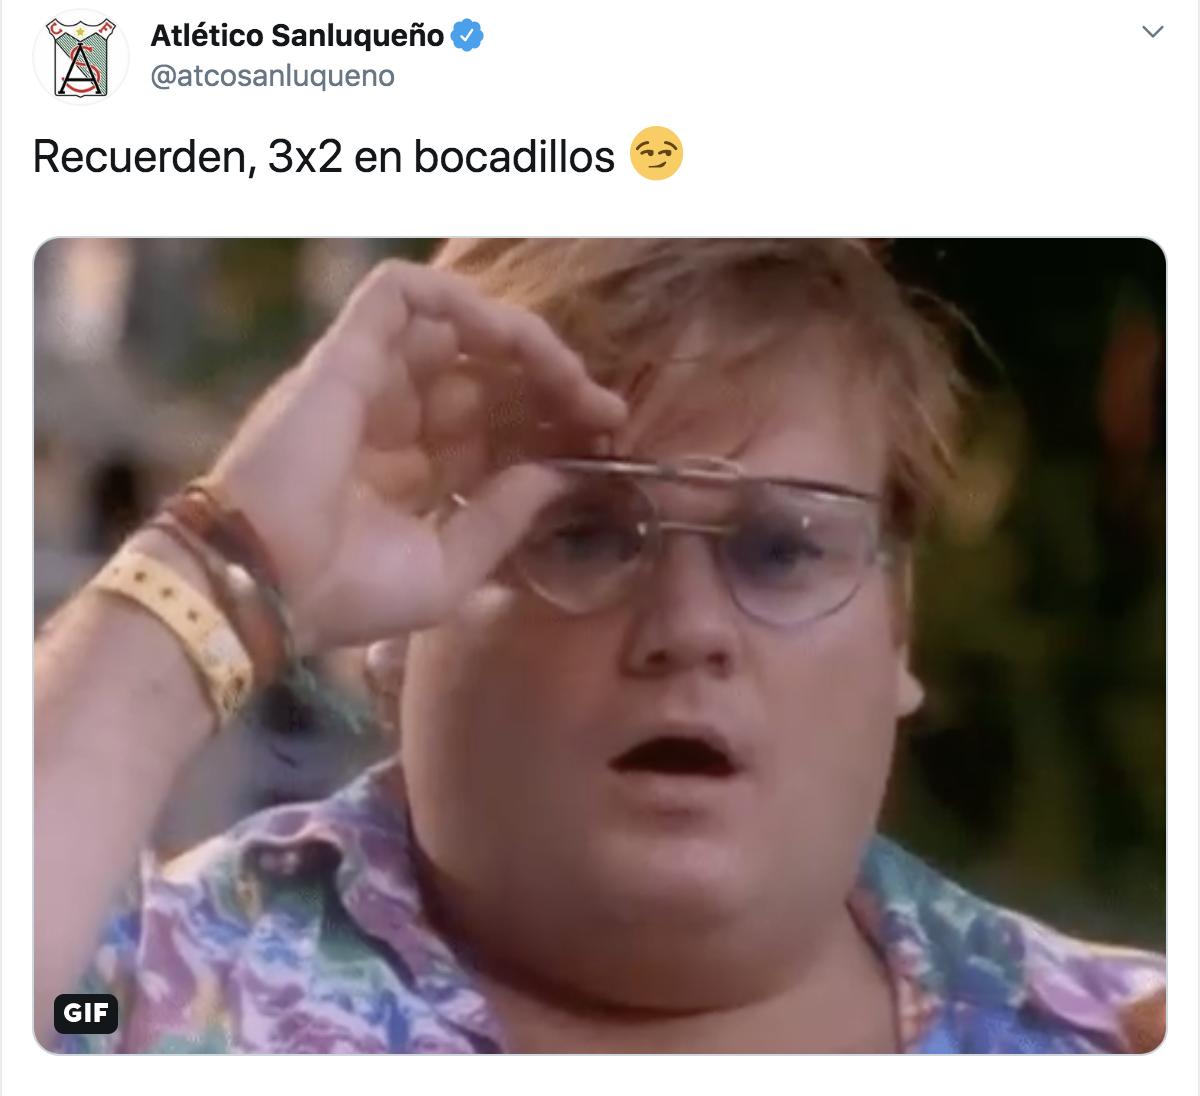 Cuenta de Twitter del Sanluqueño ofreciendo oferta de bocatas